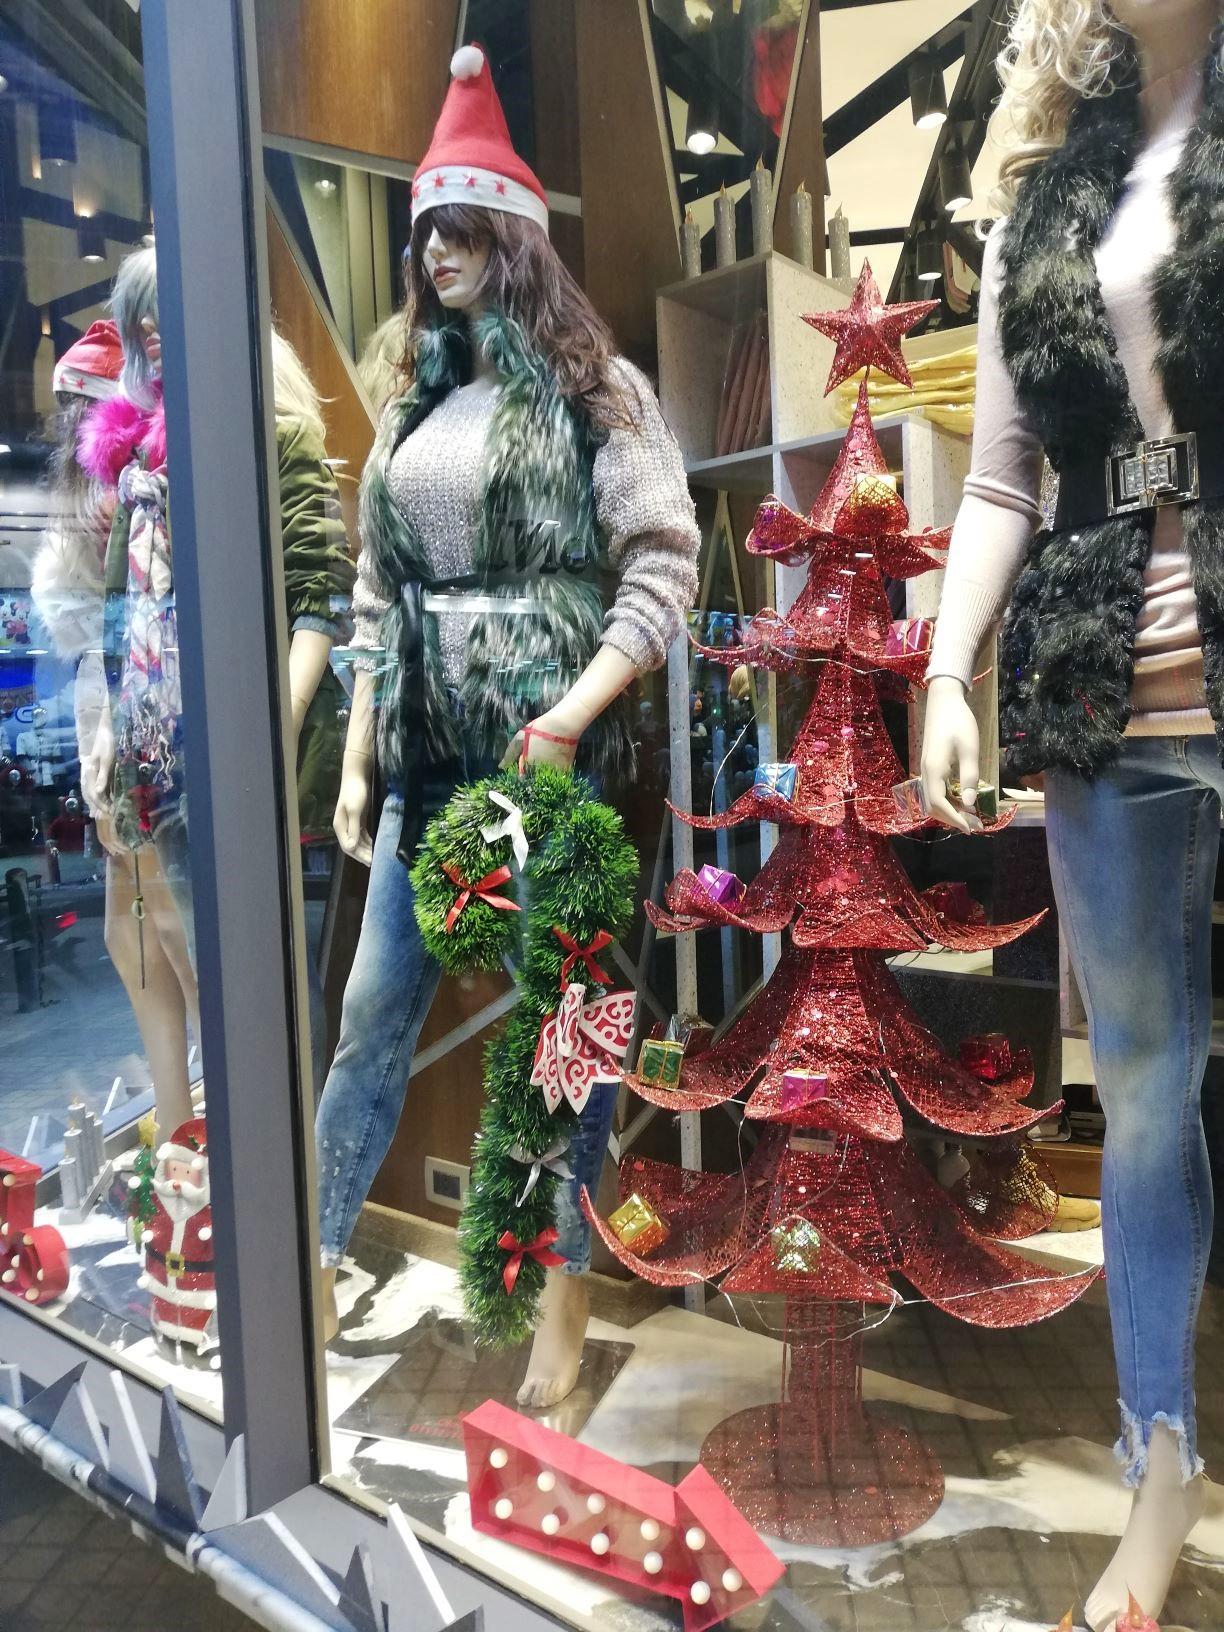 Újabb nagymellű télapósapis modellbabák sztreccsfarmerben és szőrmemellényben. Ilyen a decemberi divat Kairóban. Dekorációként pedig jól mutat az ötágú vörös csillaggal díszített piros karácsonyfa.